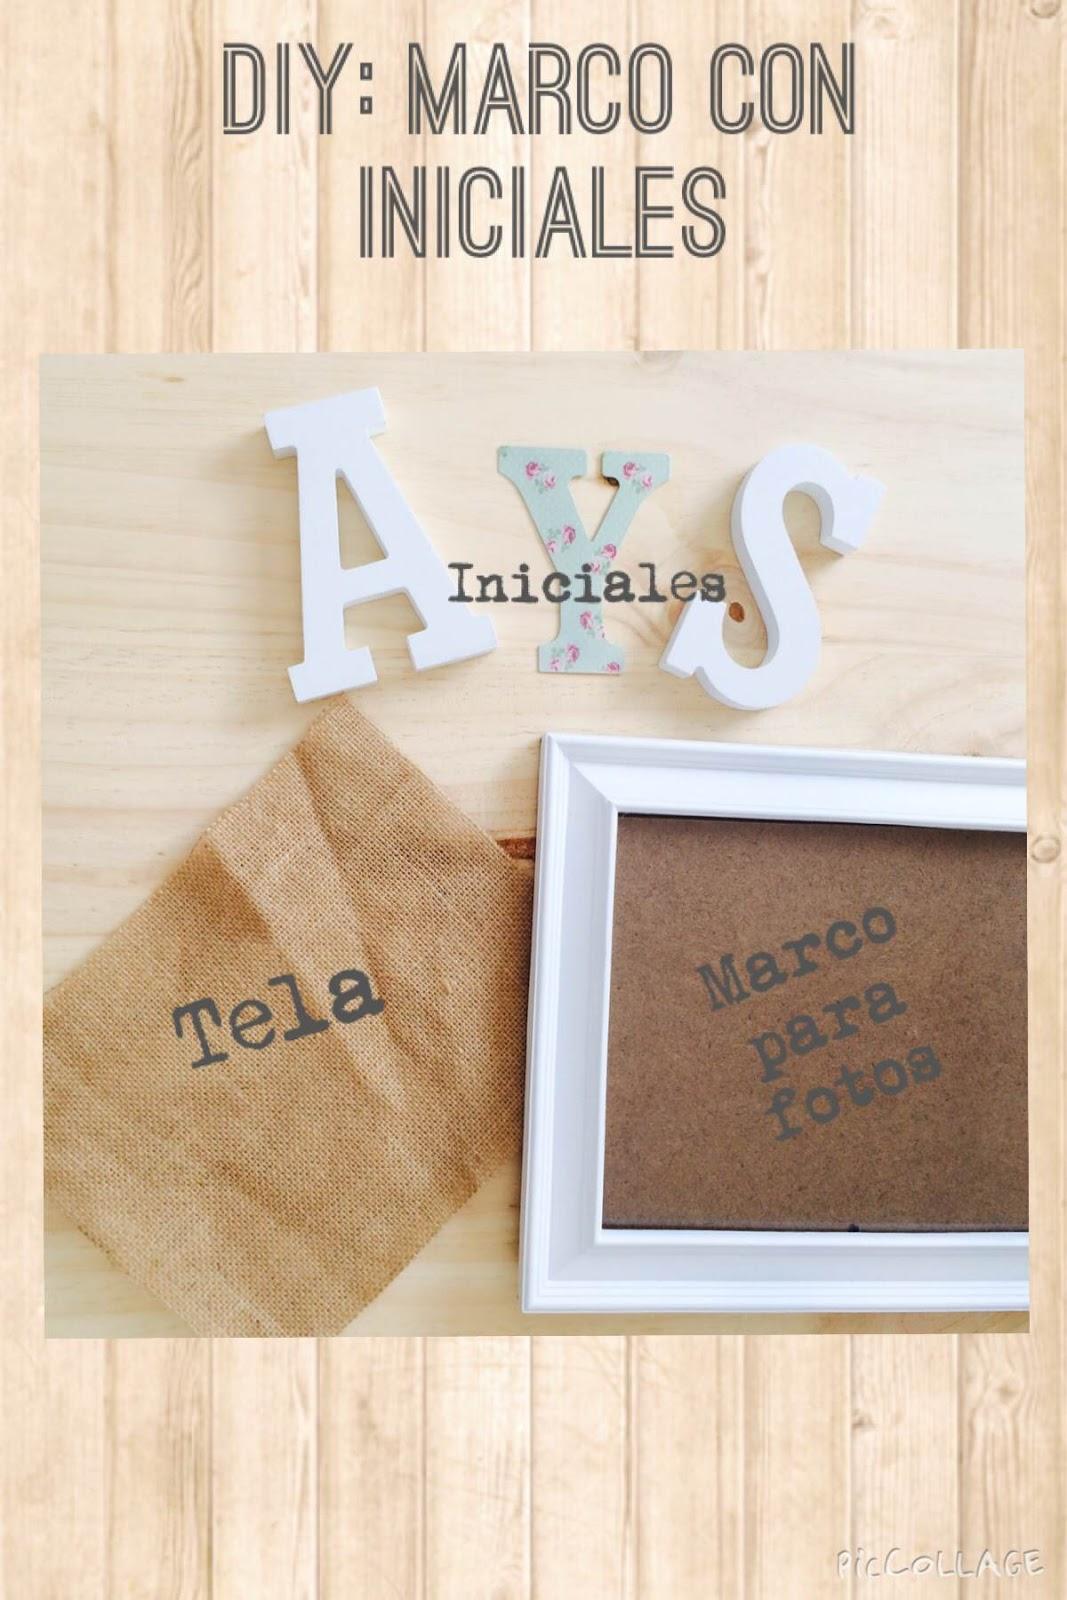 visilovesnina: DIY: Marco con iniciales